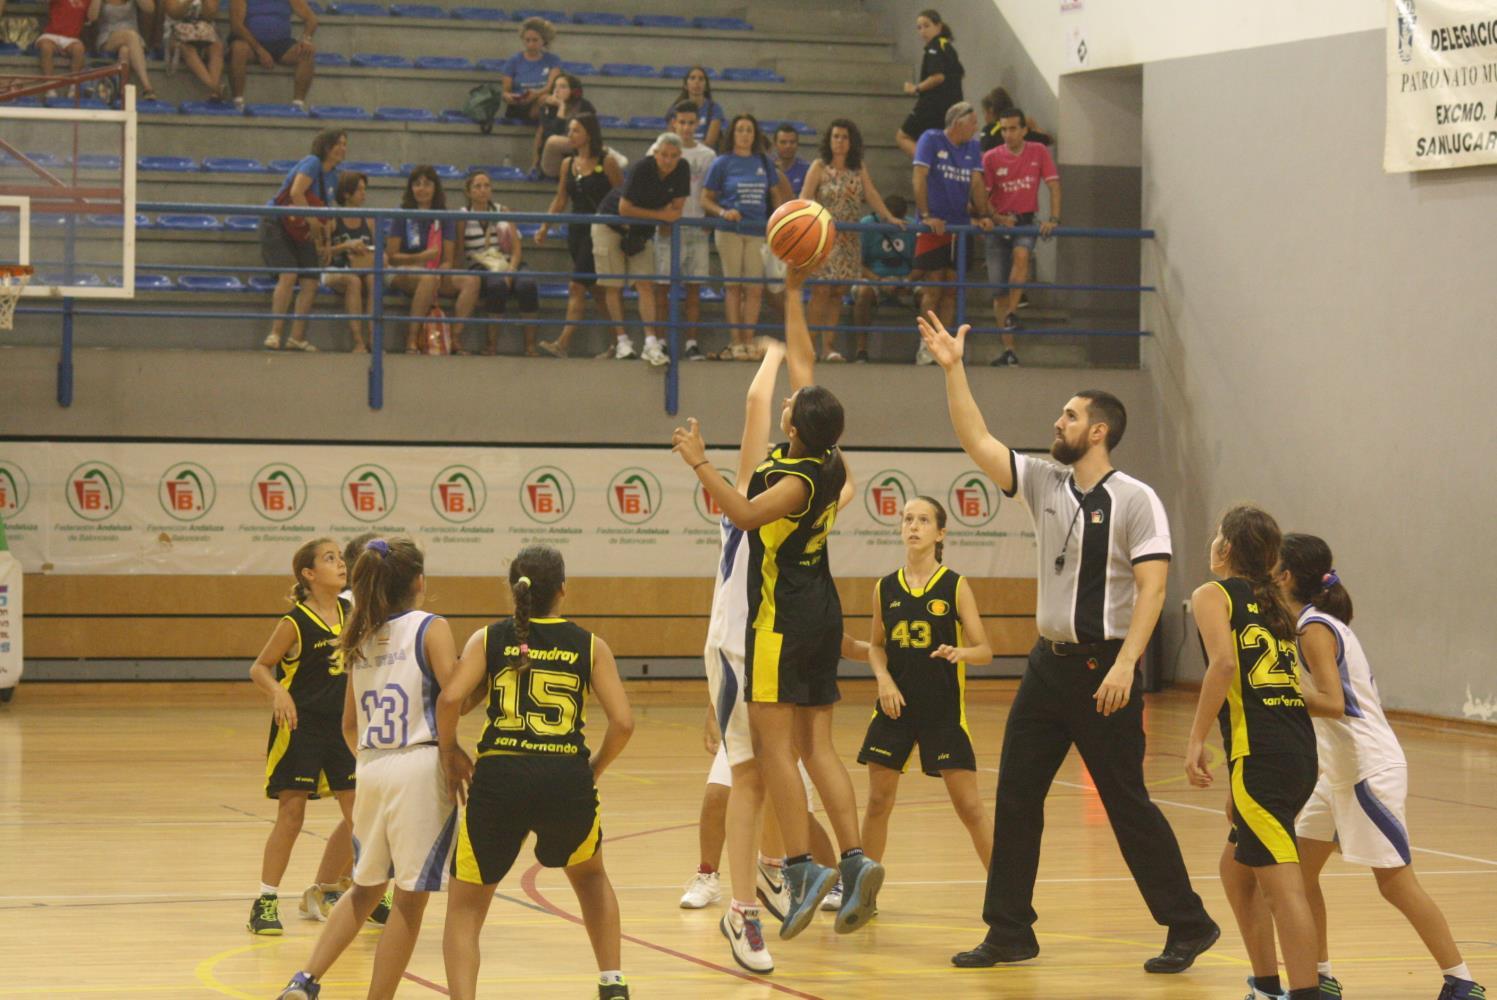 Campeonato Minibasket en Sanlúcar 2